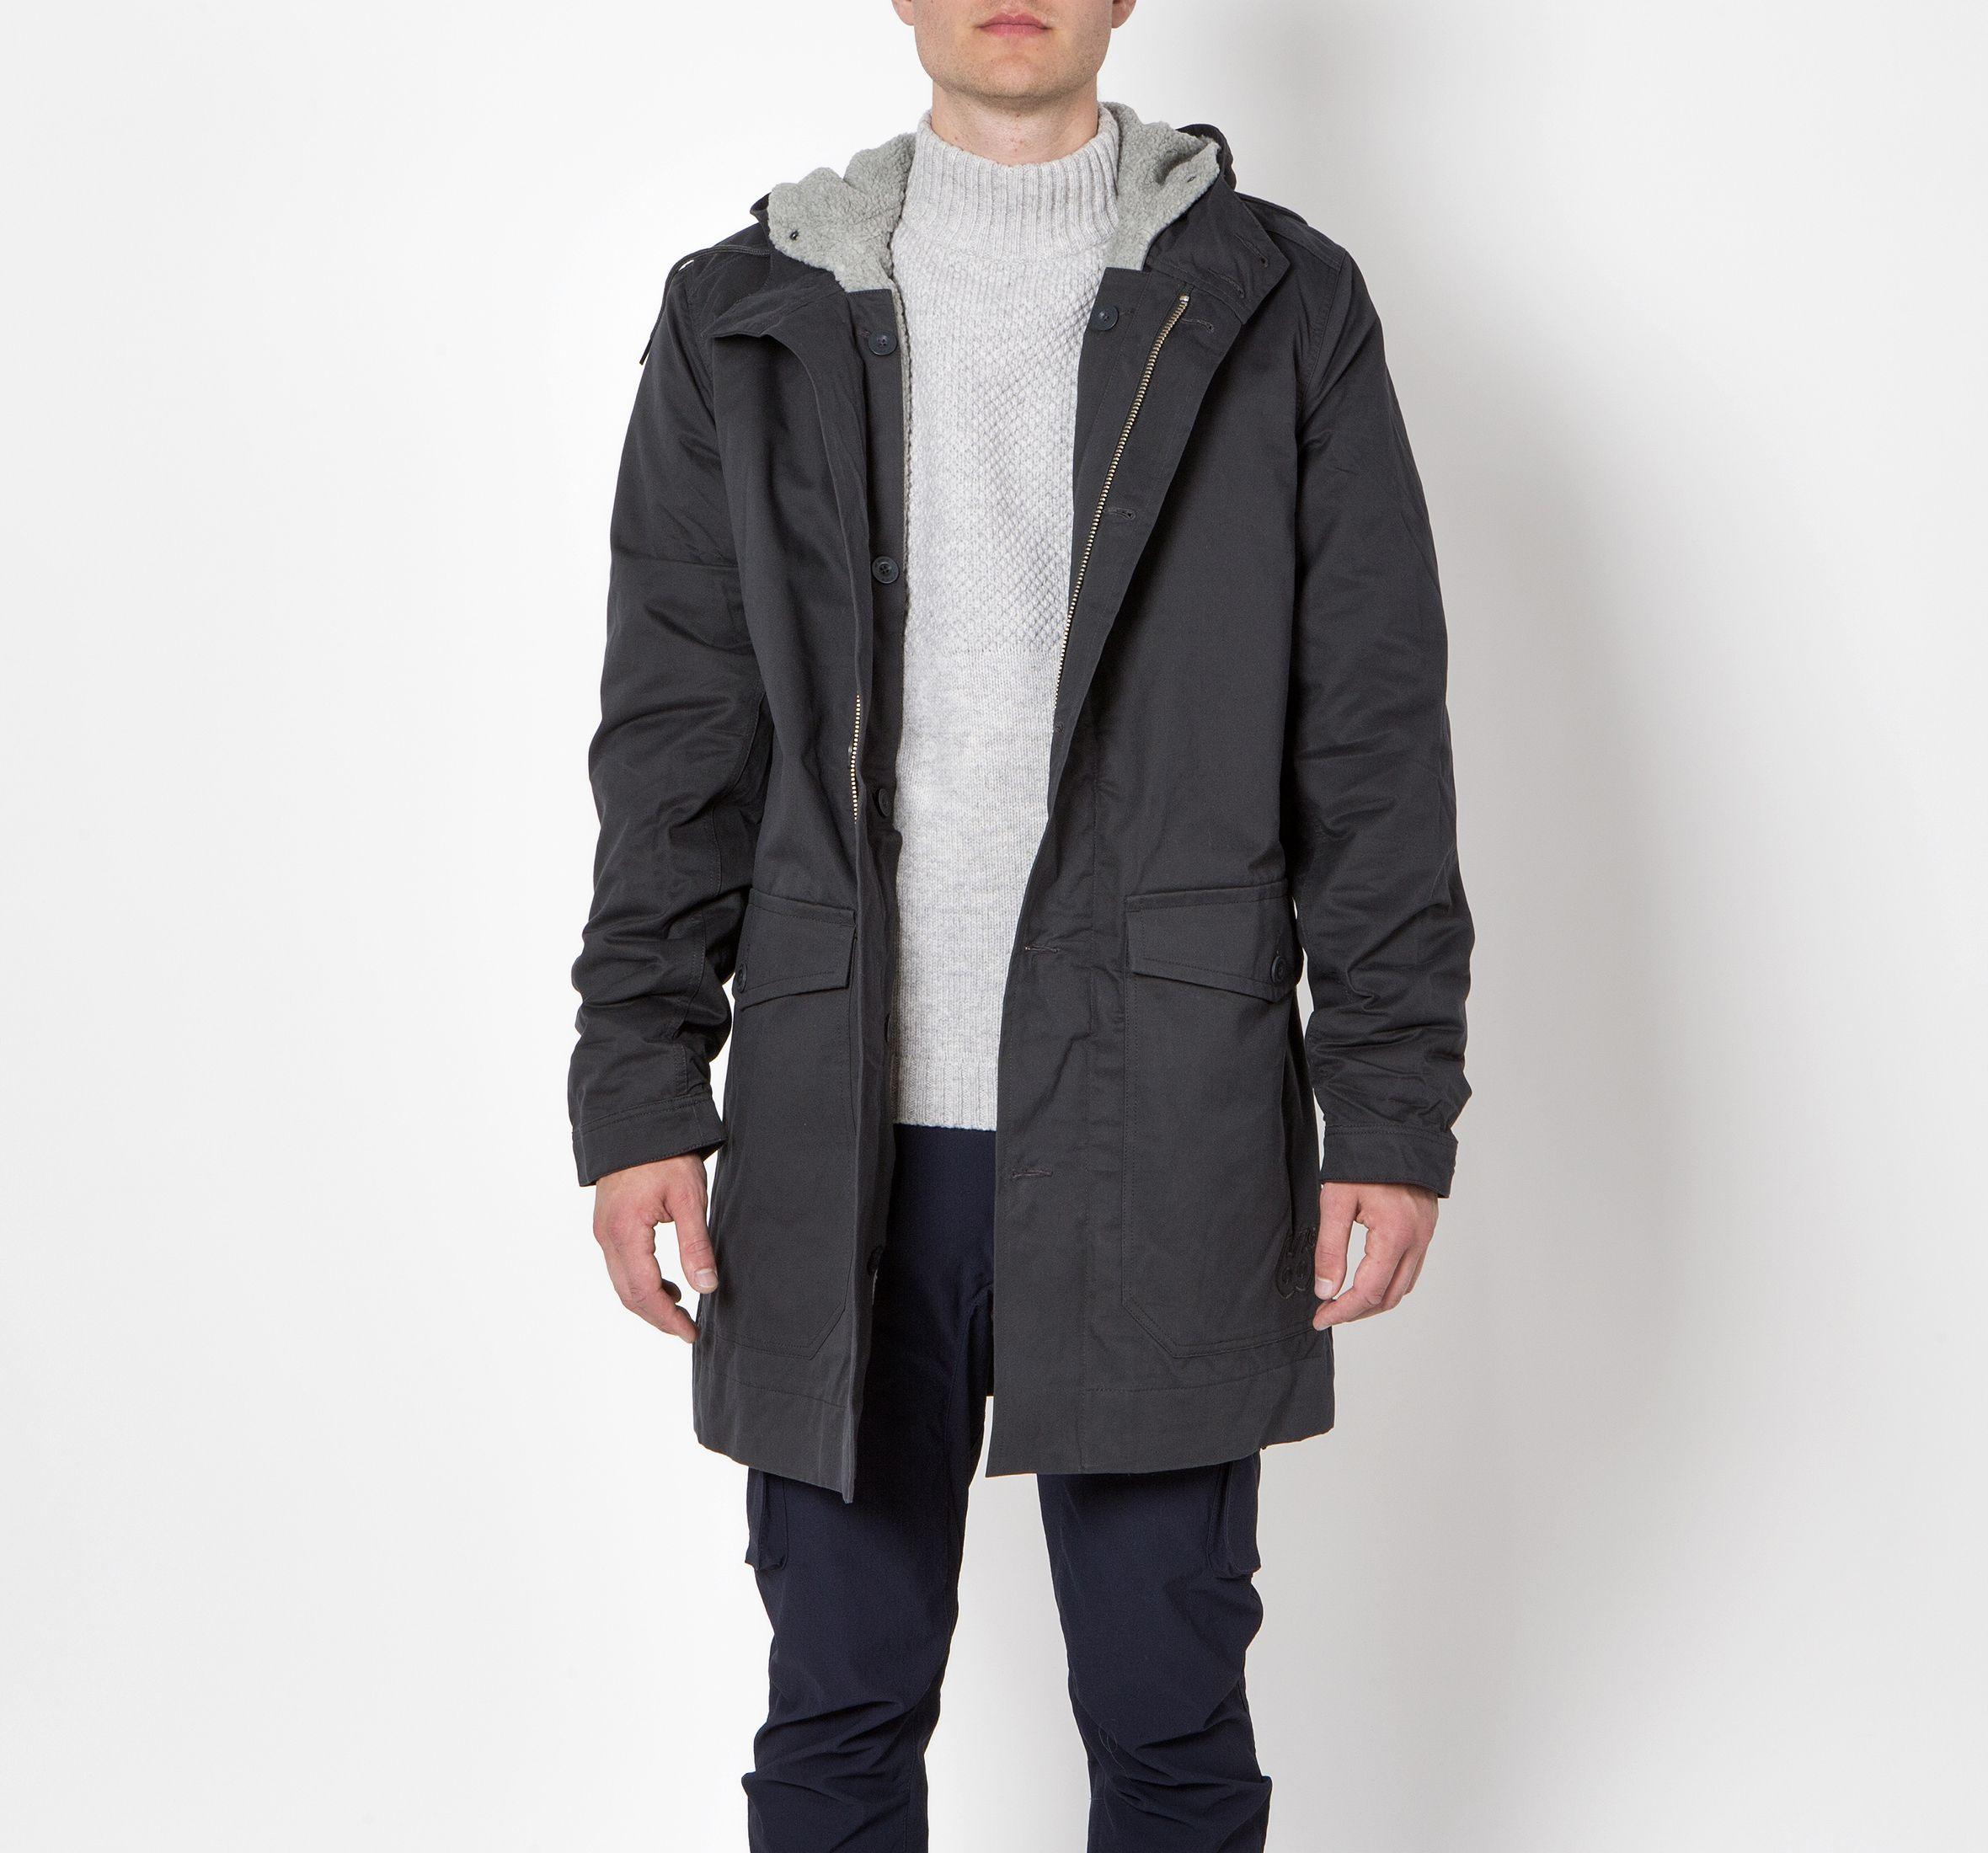 Arnarholl Men's Coat - 66°NORTH | Clothes | Pinterest